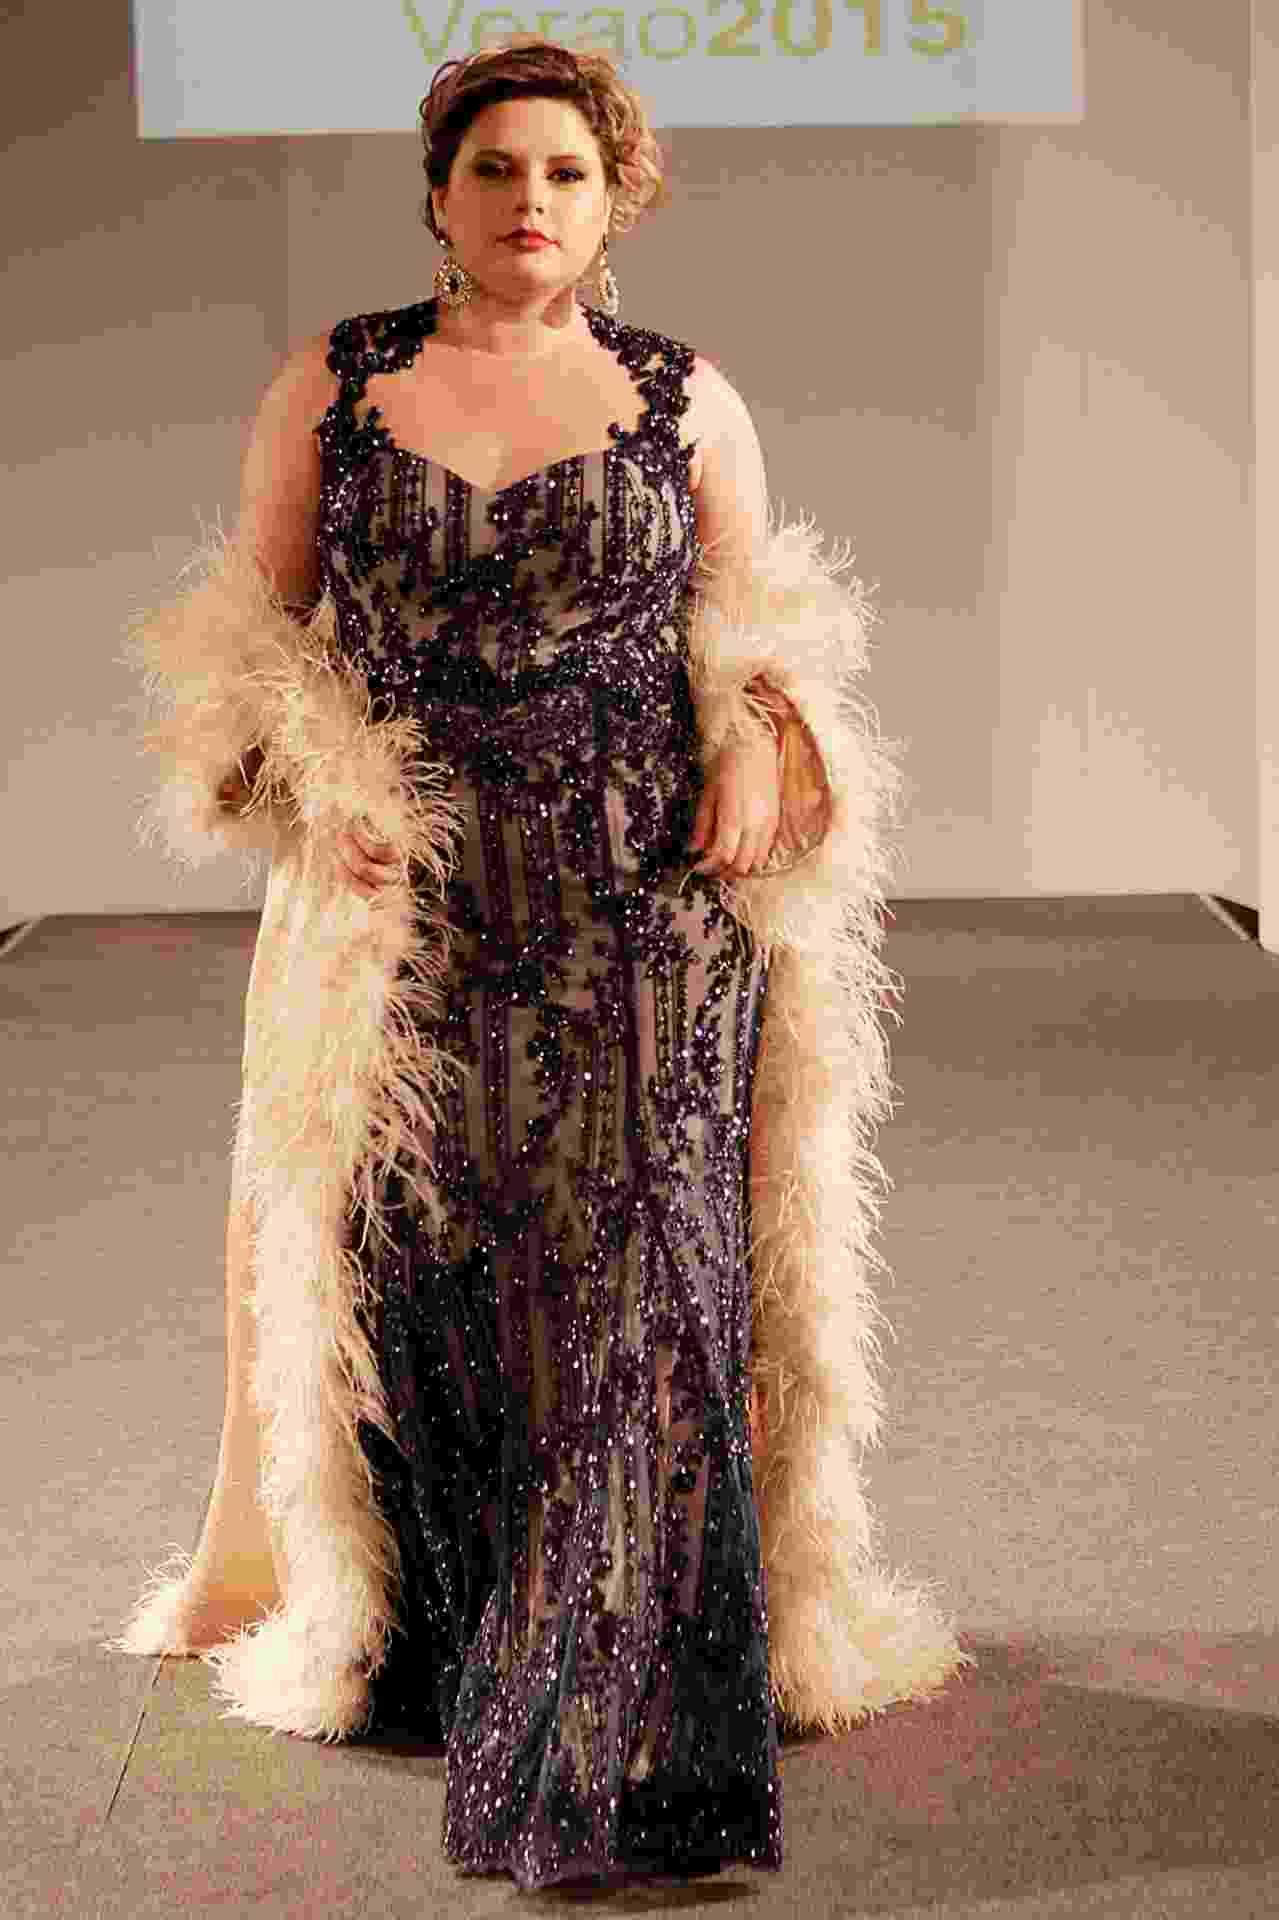 """Modelo desfila vestido bordado com contas e fundo nude desenhado pelo estilista Arthur Caliman, na 10ª edição do """"Fashion Weekend Plus Size - FWPS"""", maior evento de moda GG do país. As marcas apresentam suas coleções para o Verão 2015 com manequins que vão do 44 ao 56. O evento teve lugar no Centro de Convenções Frei Caneca, na noite de sábado (23), em São Paulo - Reinaldo Canato/ UOL"""